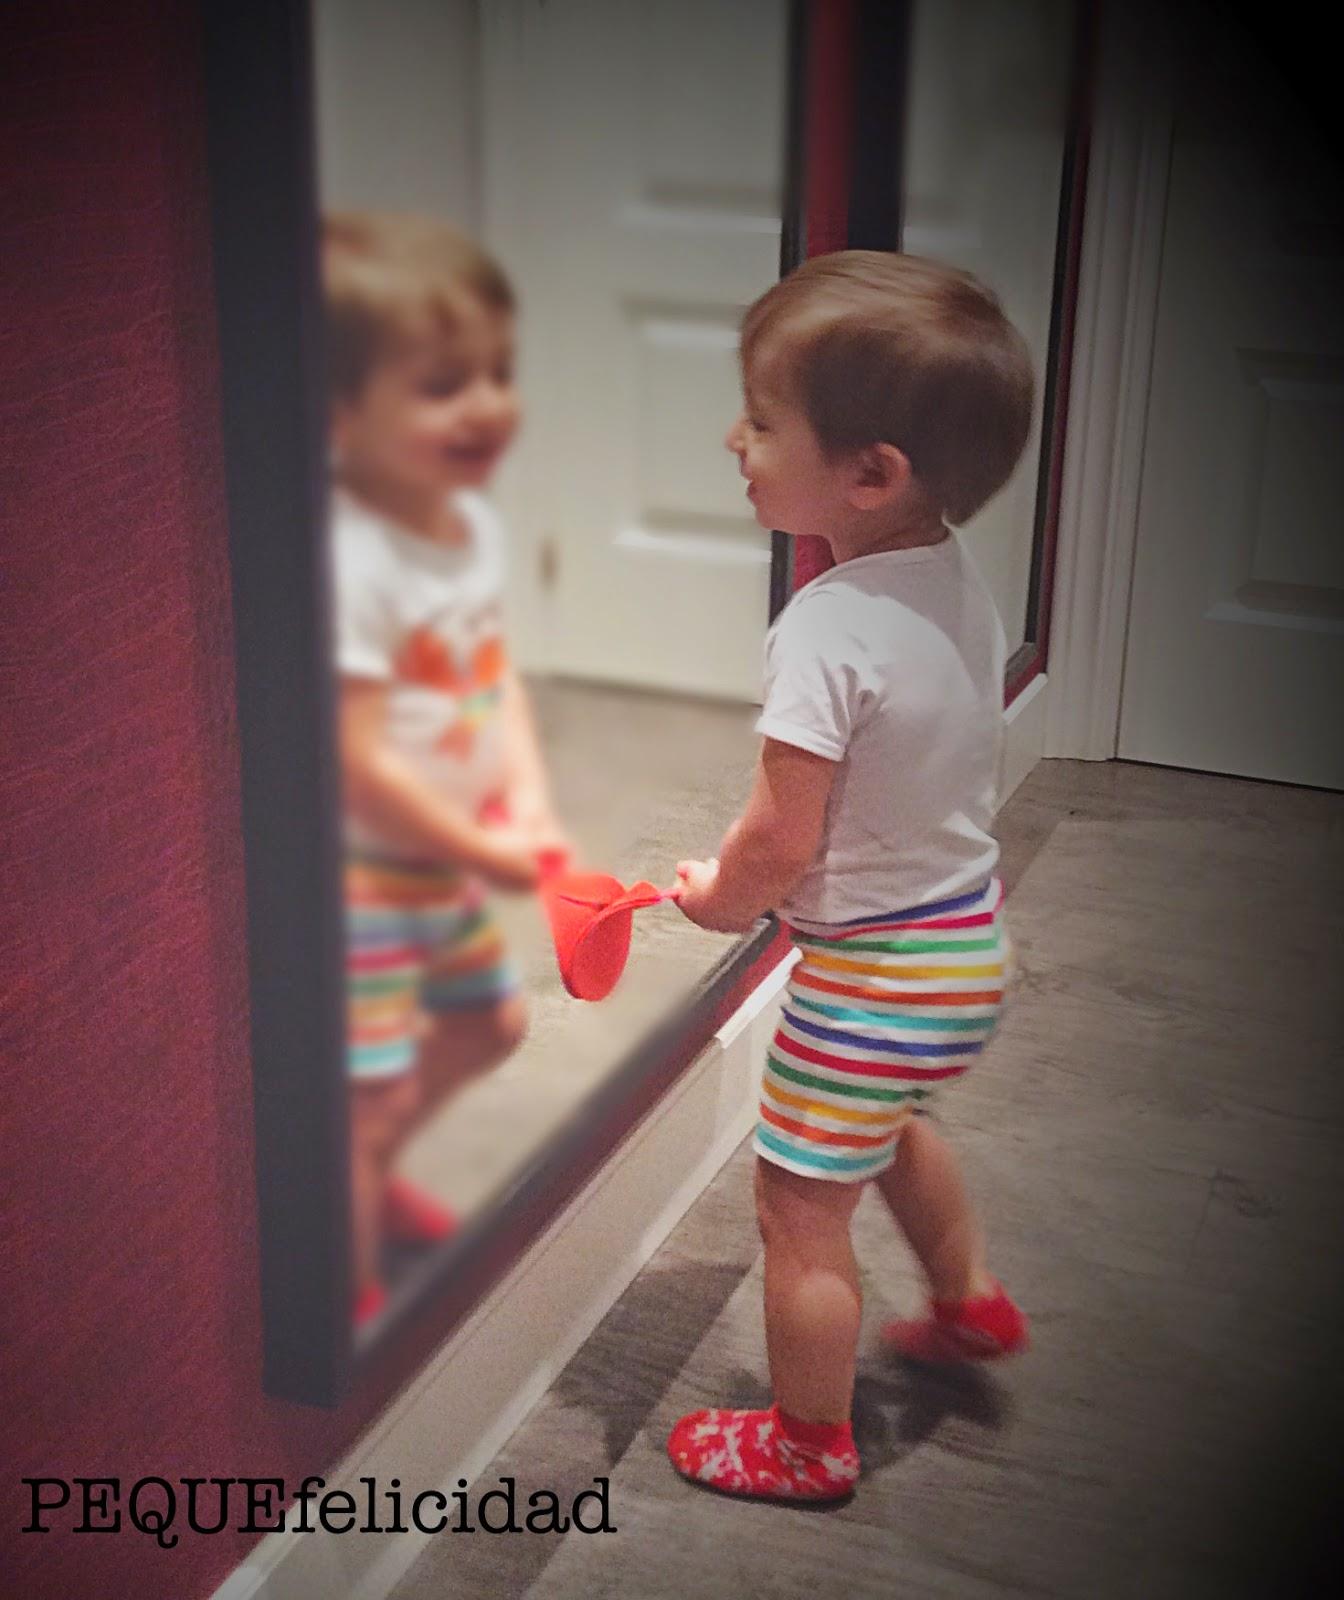 Pequefelicidad espejos montessori for Espejo para ver al bebe